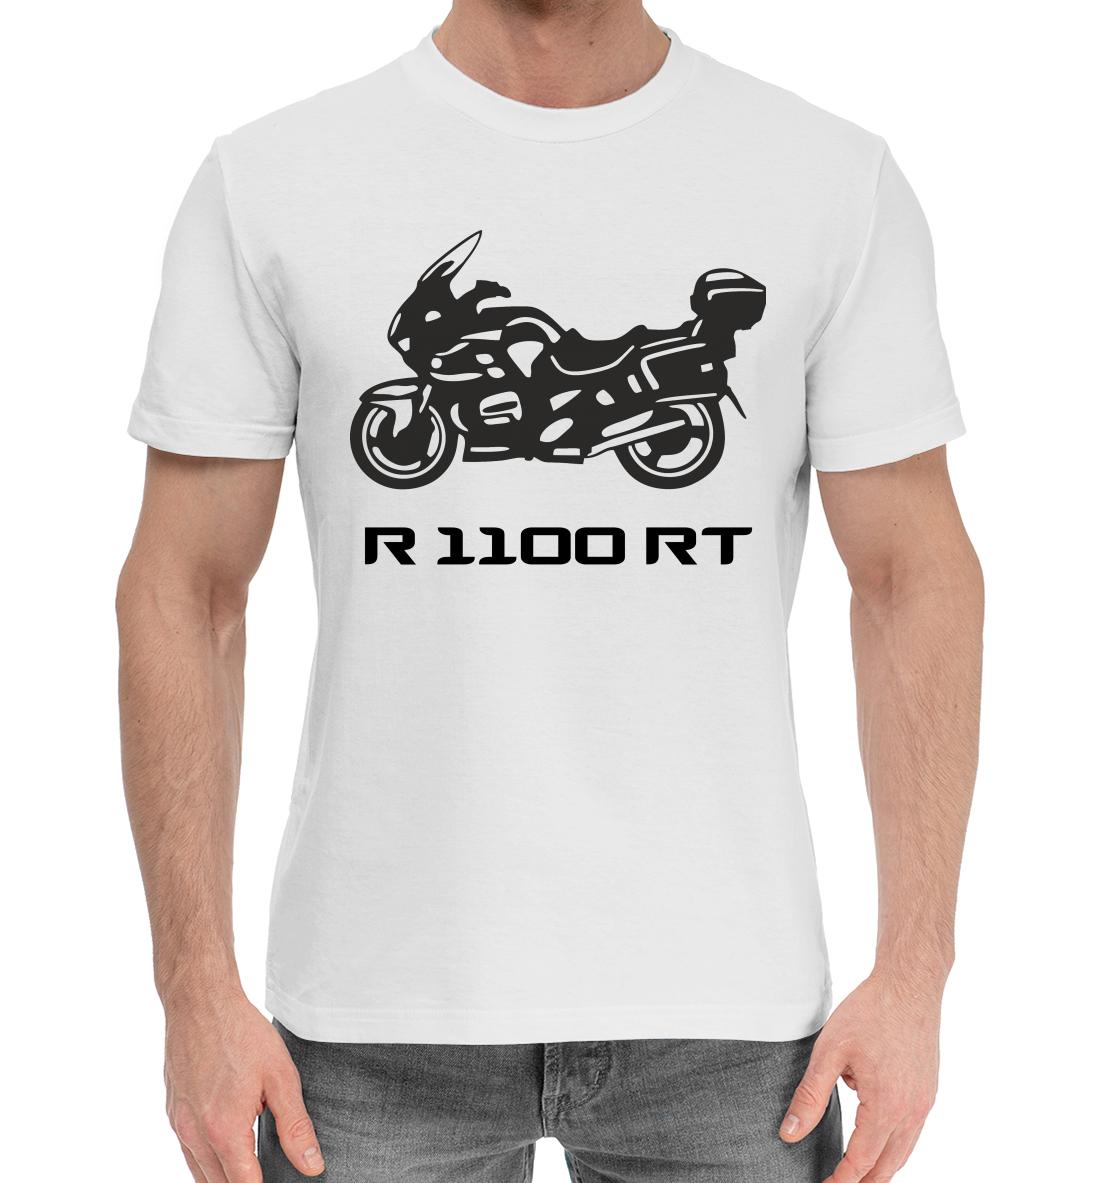 R 1100 RT